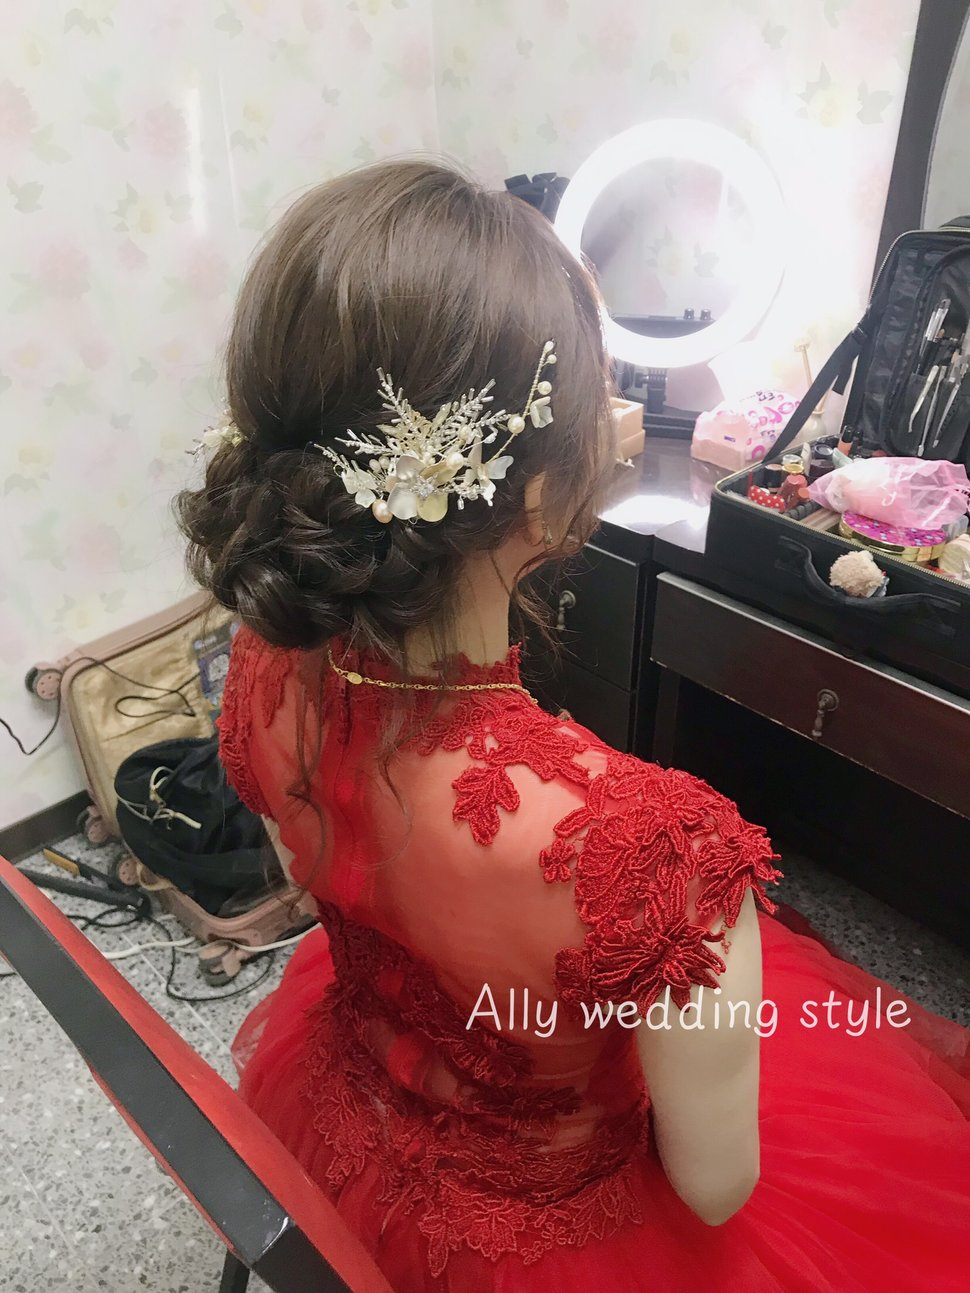 9250CDFB-05C9-442A-9A9F-A1B4EB6E5708 - 台中高雄新娘秘書Ally Chen《結婚吧》